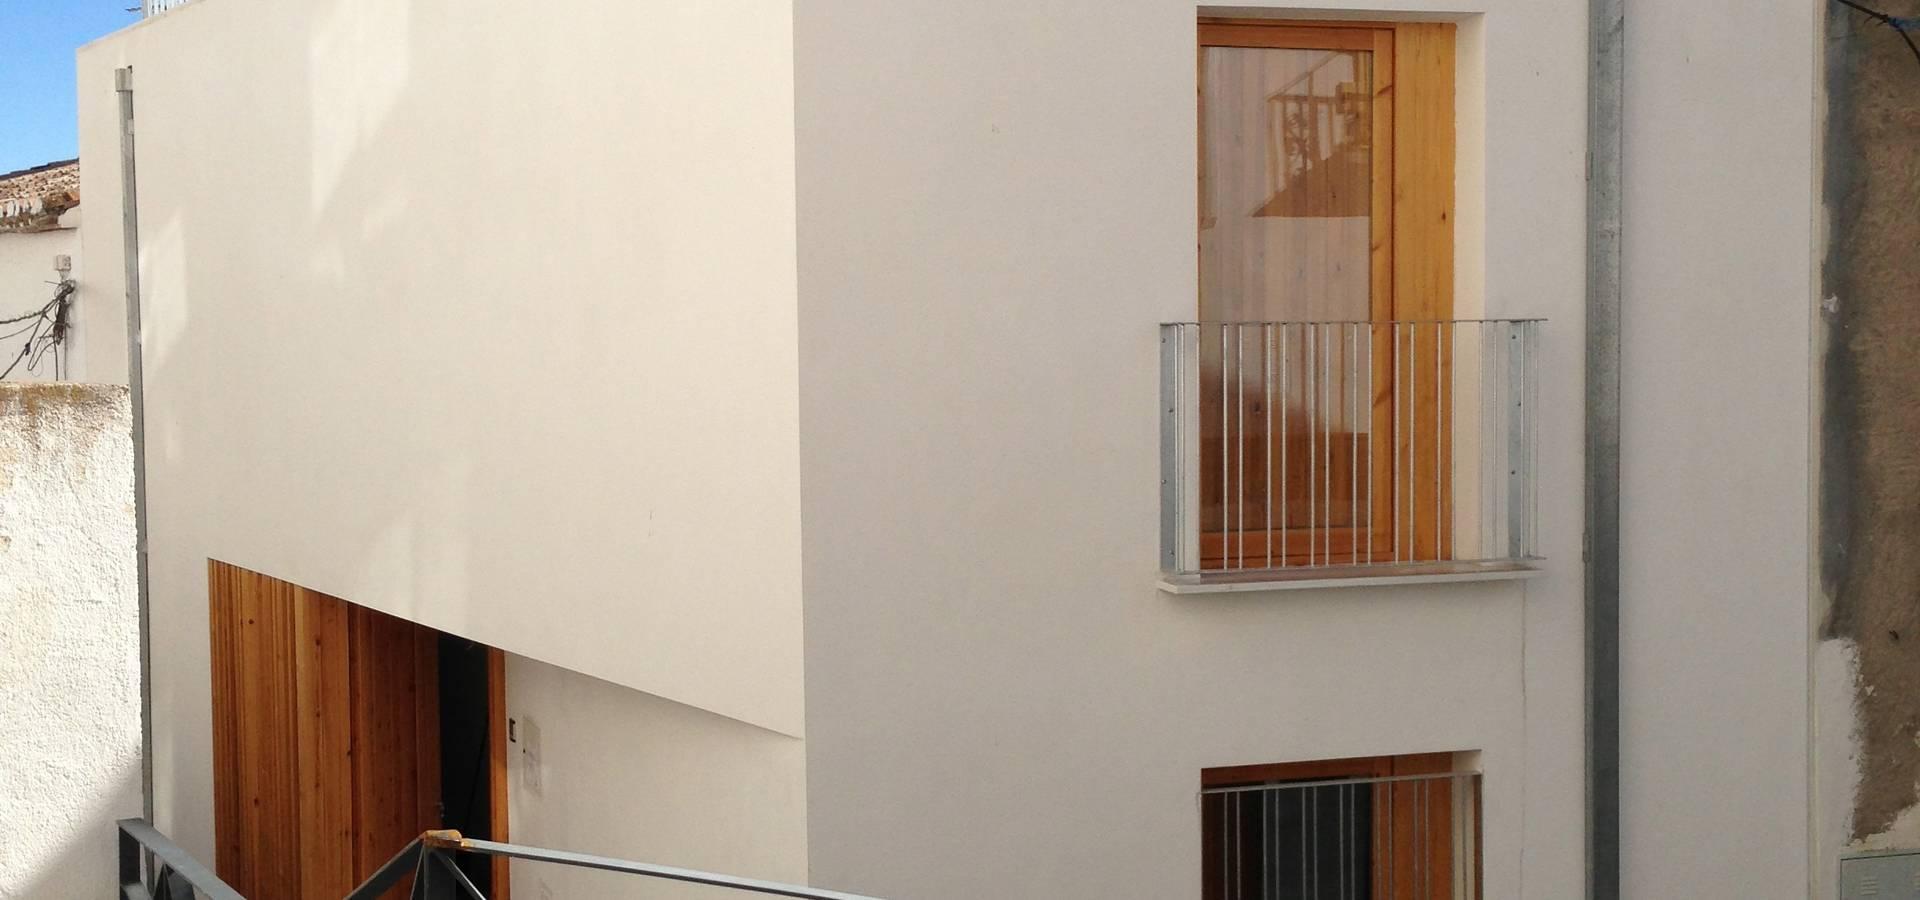 Mn arquitectos arquitectos en almer a homify - Arquitectos almeria ...